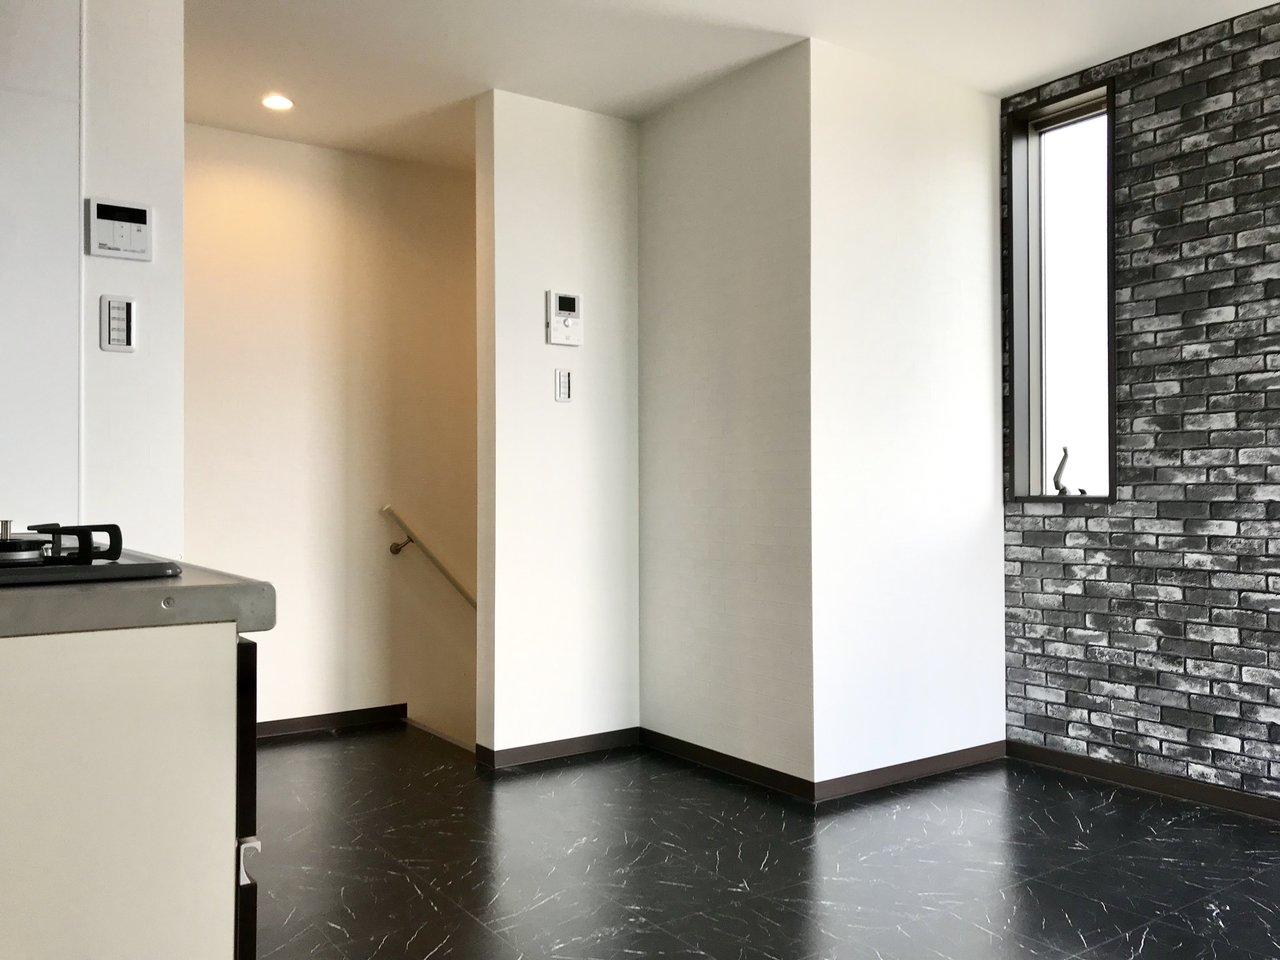 2階がベッドルーム+バスルーム、一番眺望の良い3階がLDKです。居室もなかなかかっこいいデザインですね。